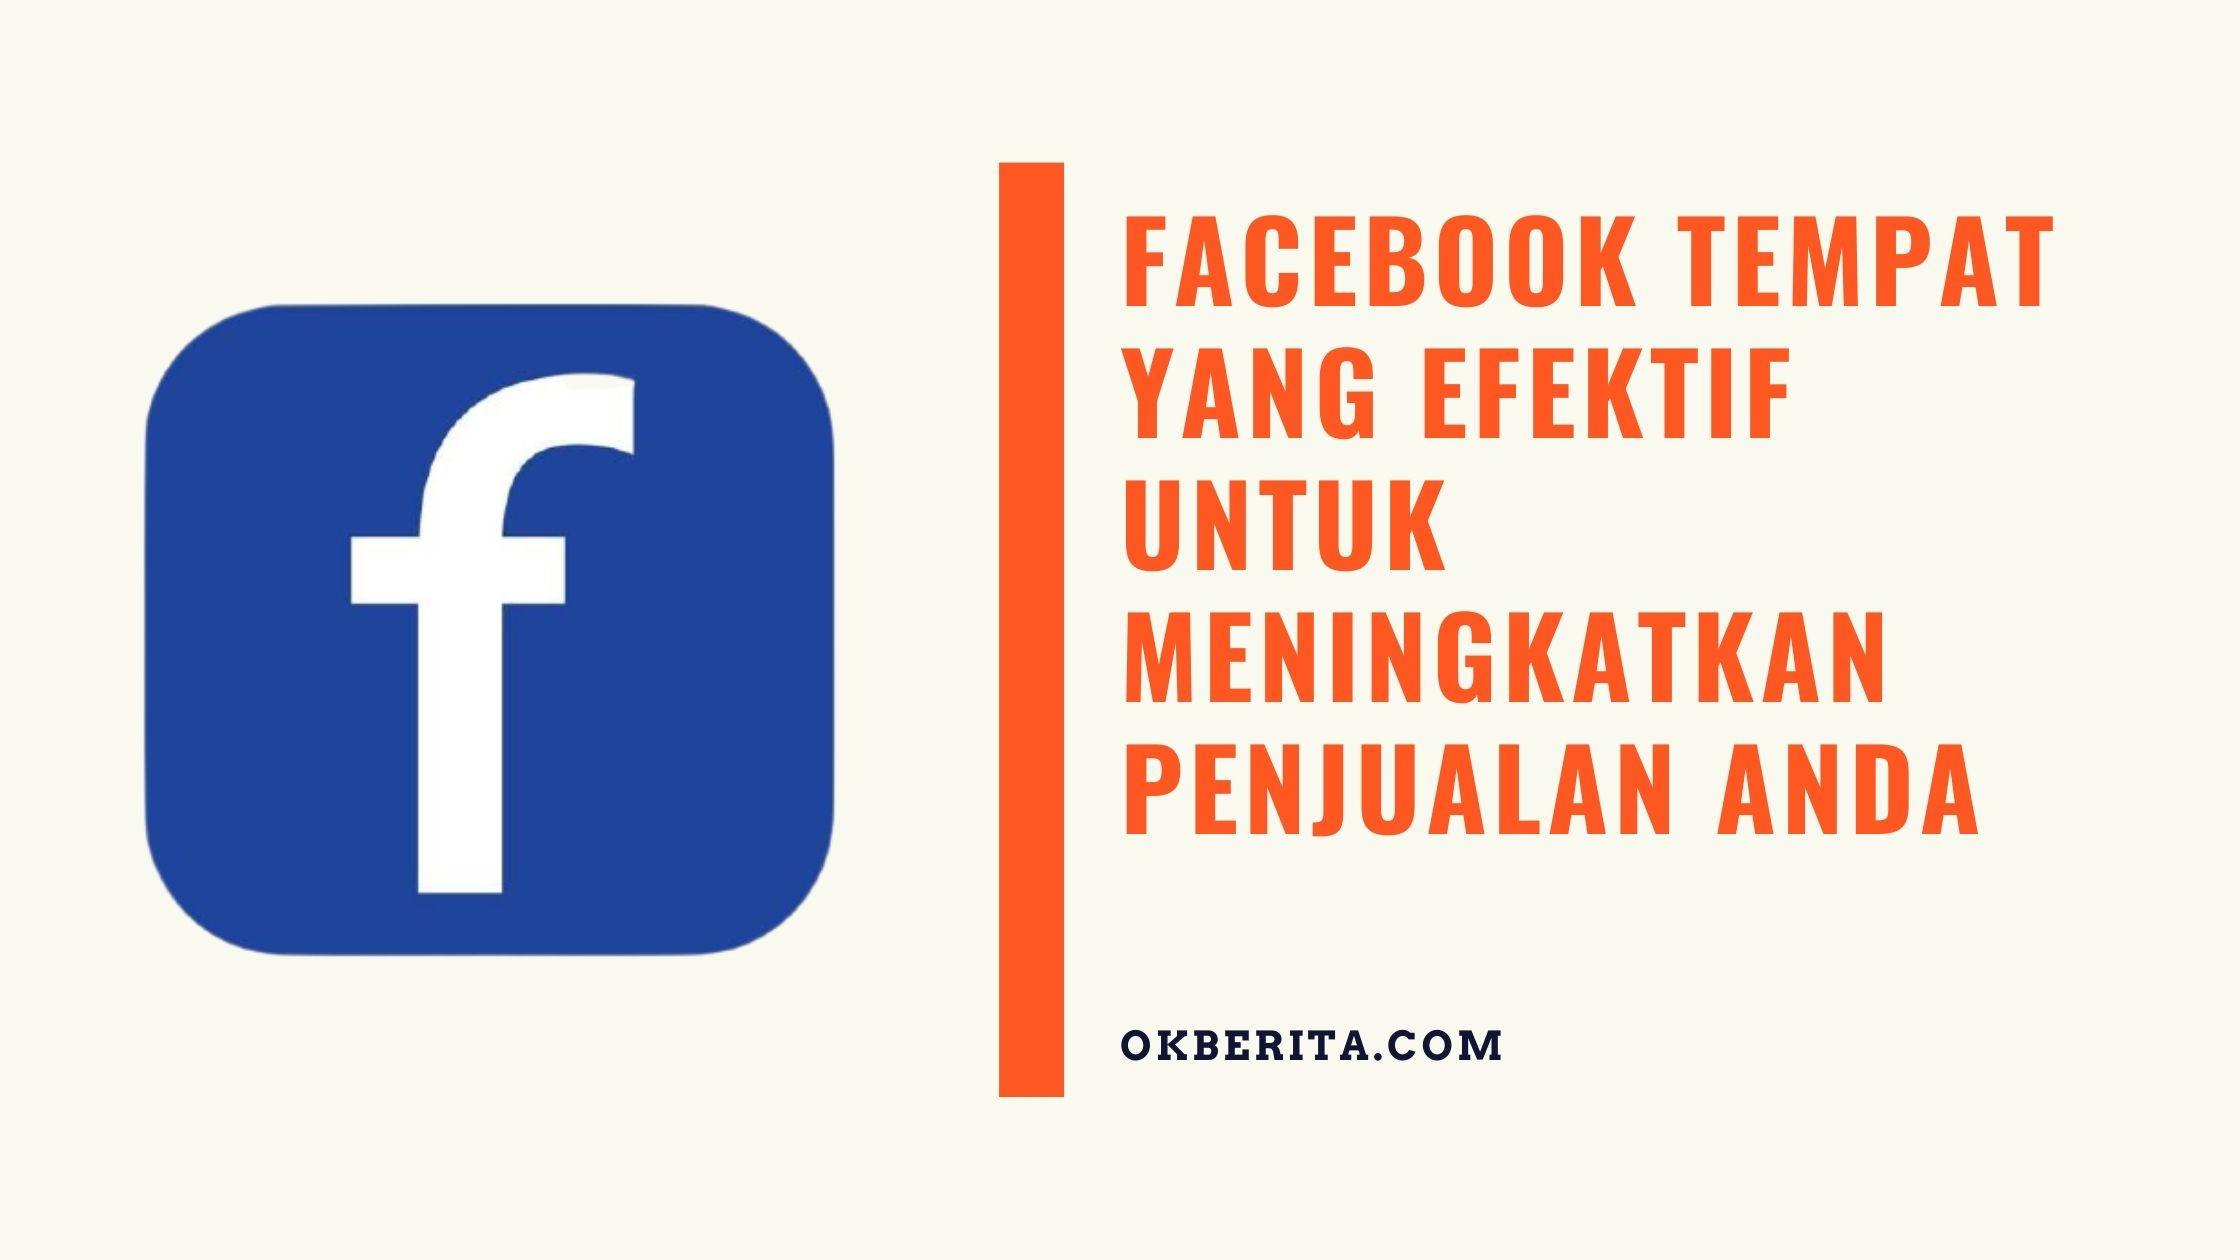 Facebook tempat yang efektif untuk meningkatkan penjualan Anda